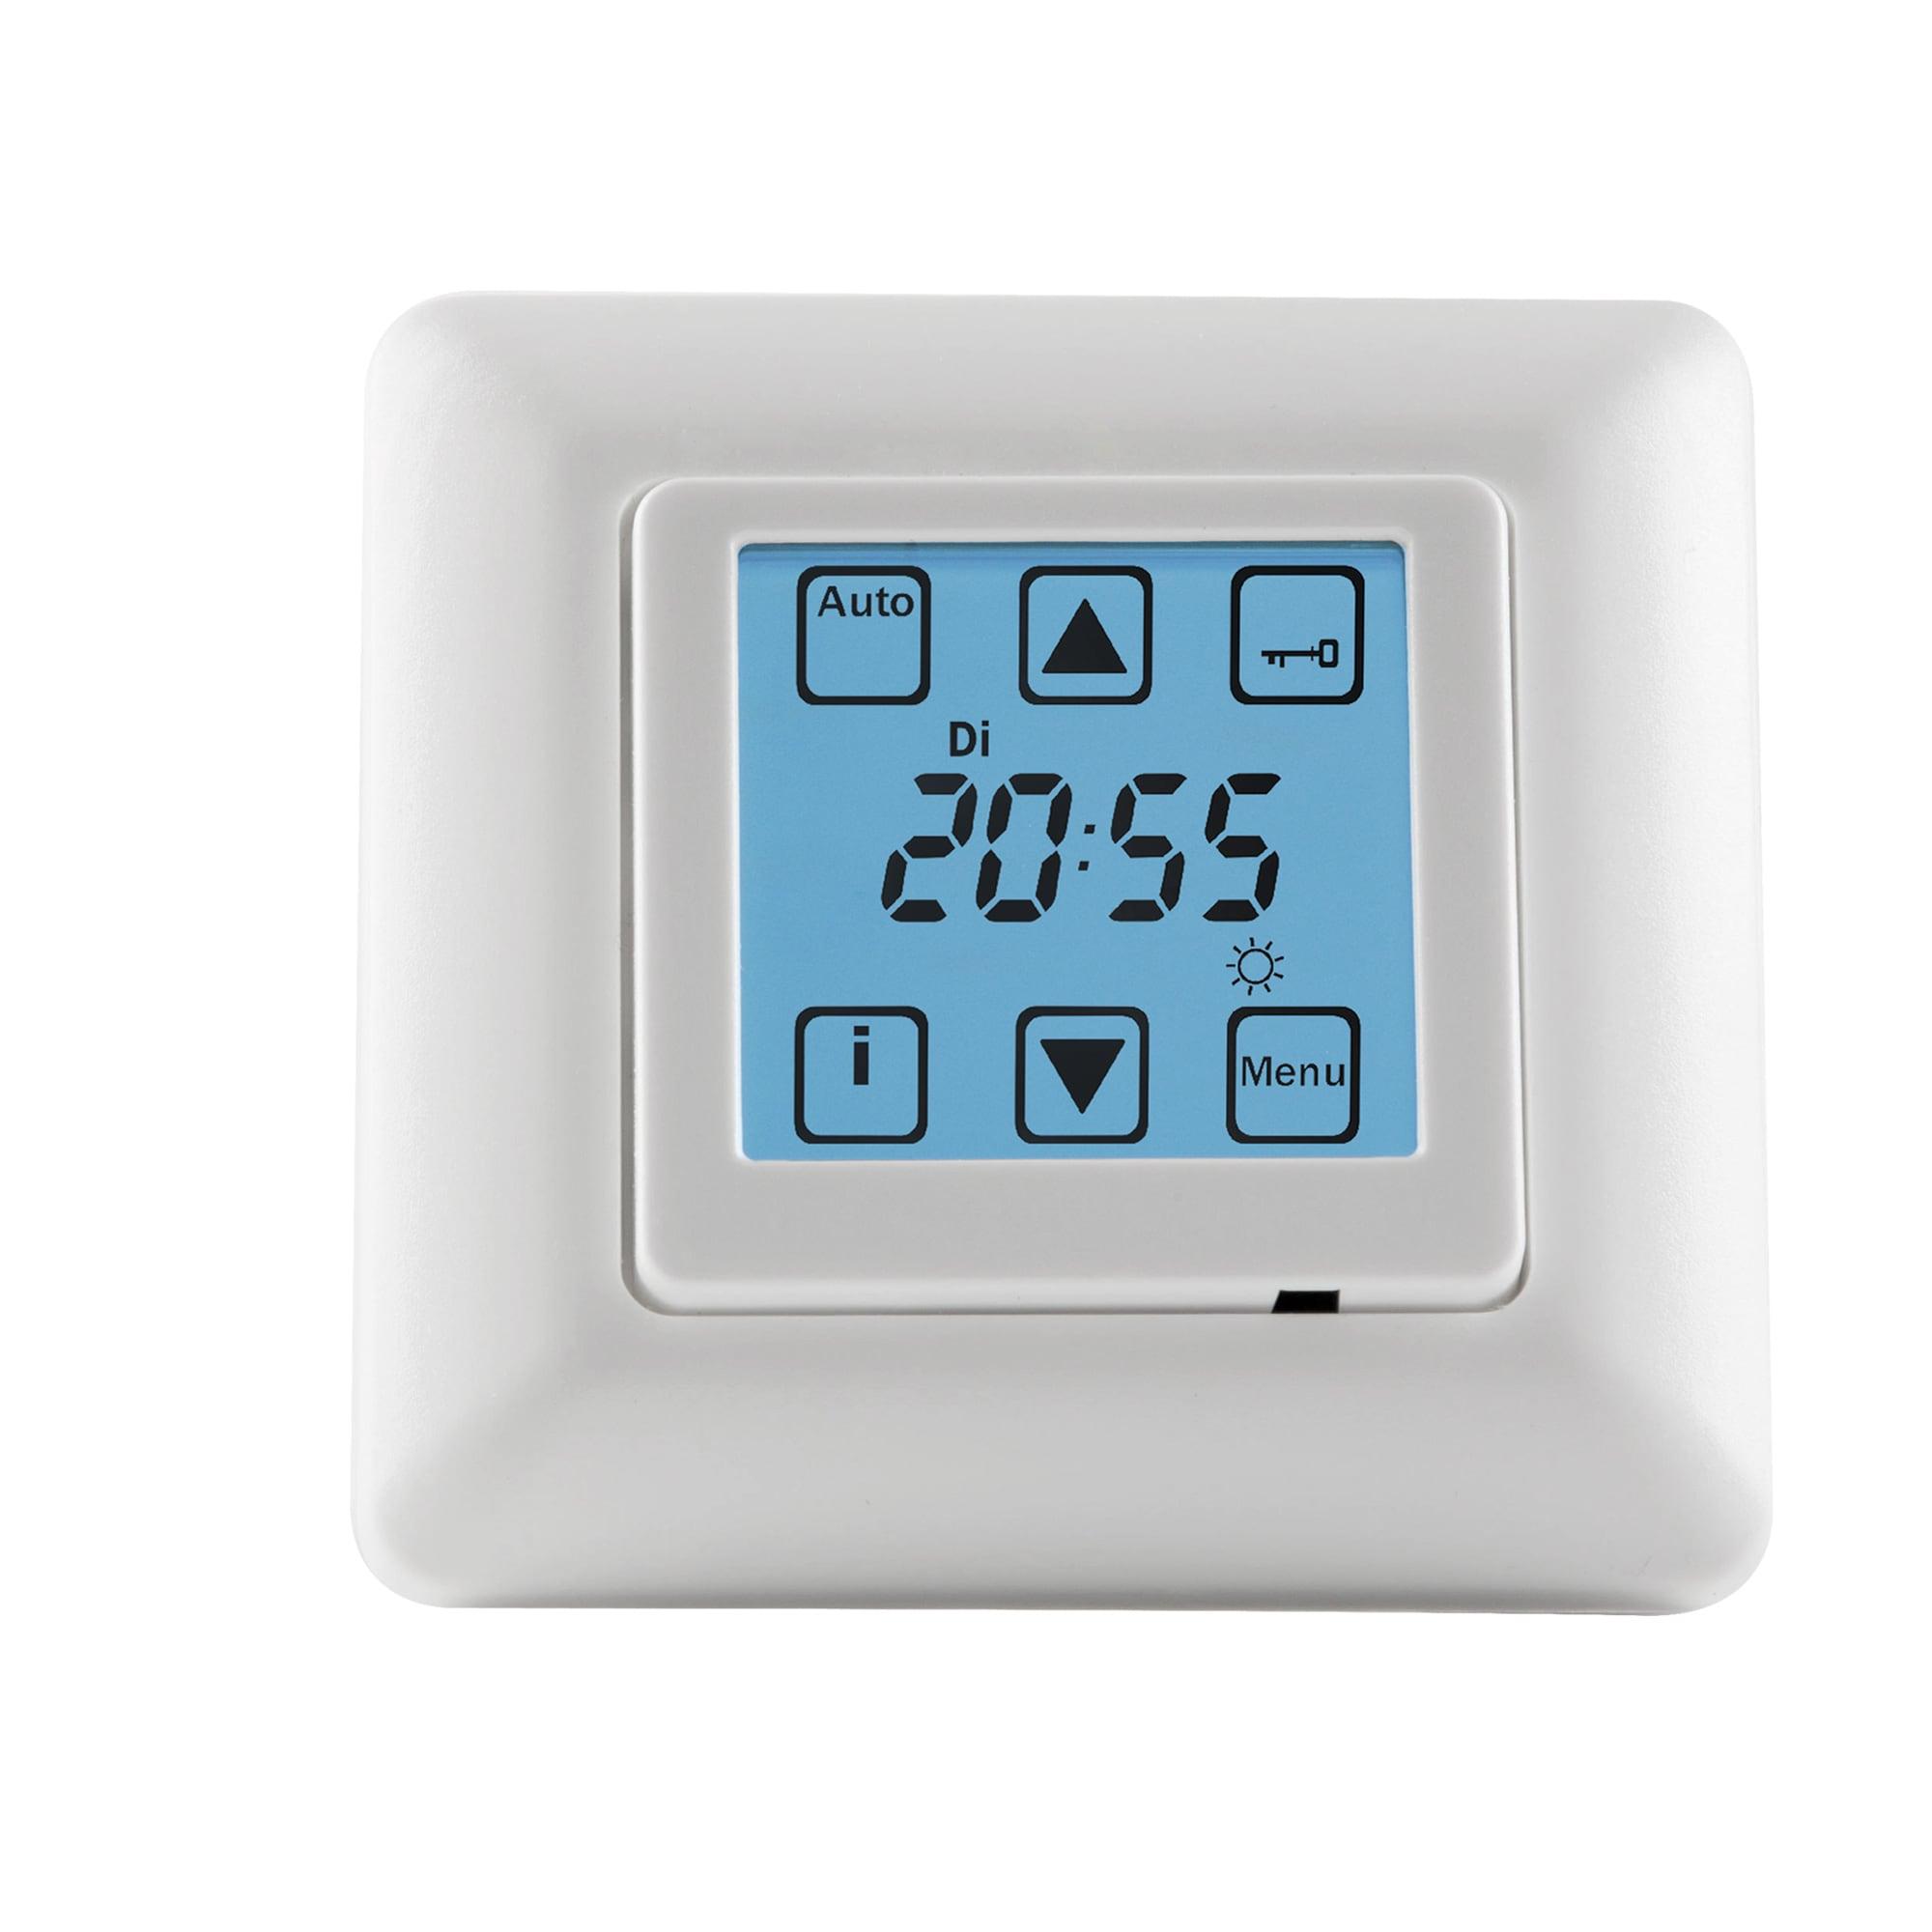 zeitschaltuhr rolladen digital rollladen timer unterputz vestamatic quattro s50 ebay. Black Bedroom Furniture Sets. Home Design Ideas